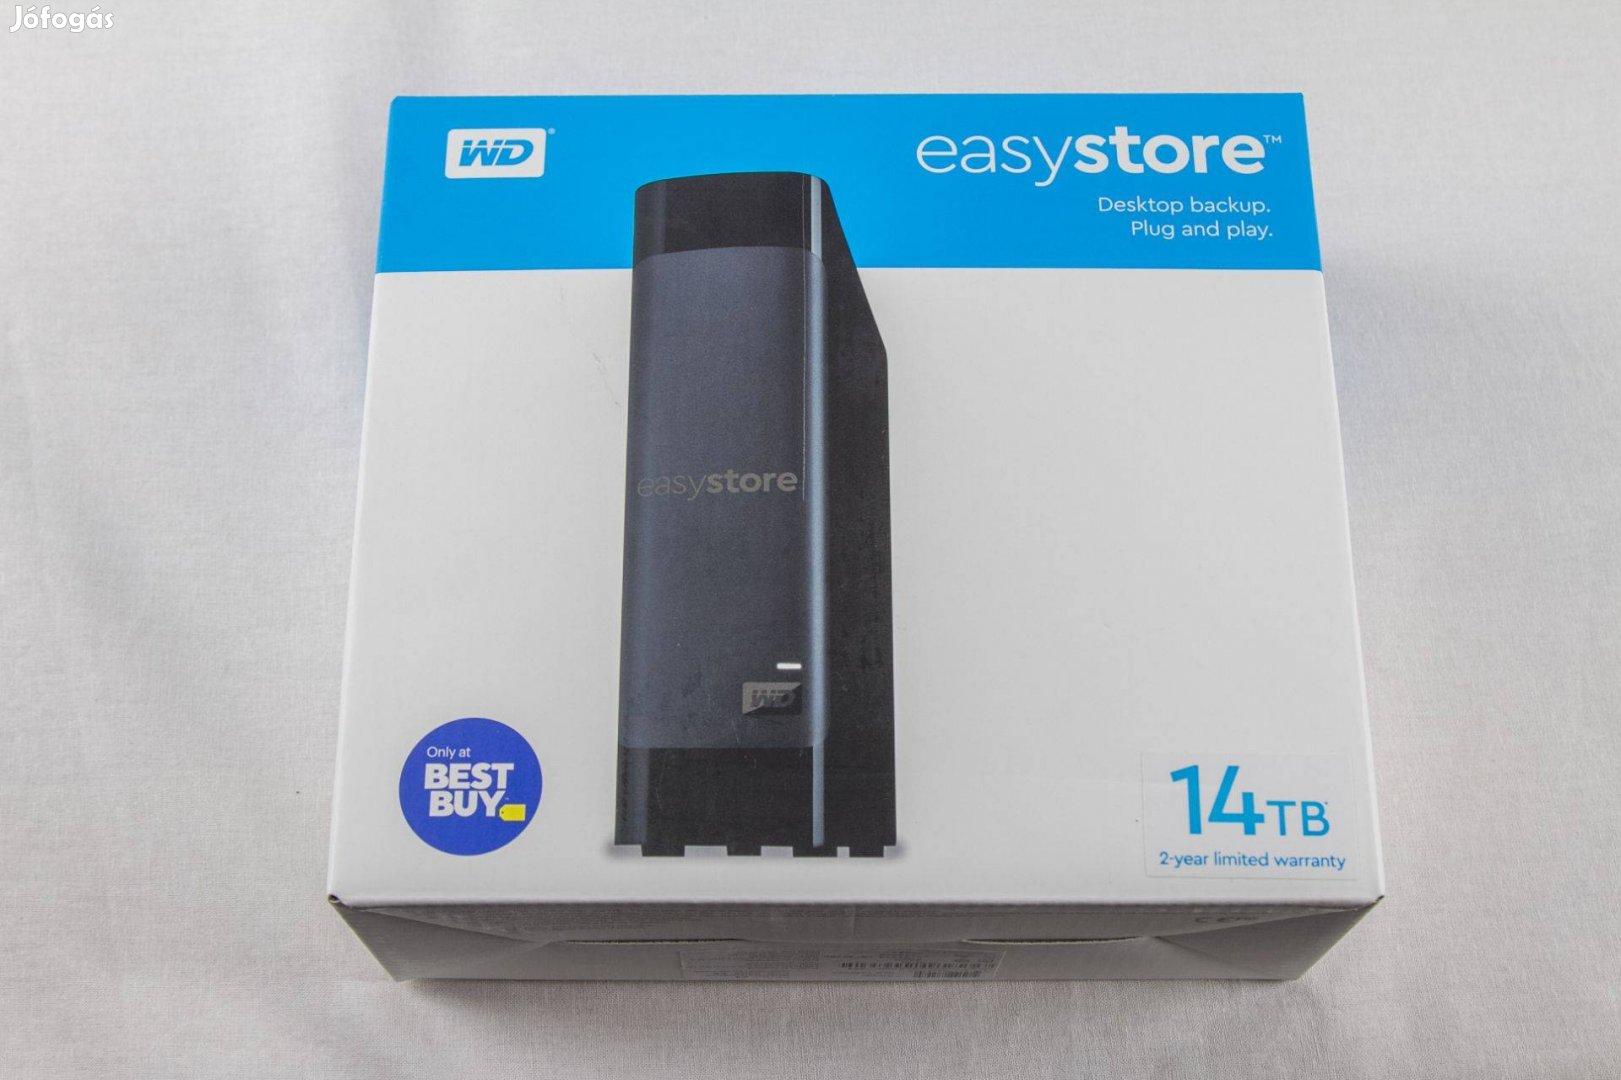 Western Digital Easystore 10TB External USB 3.0